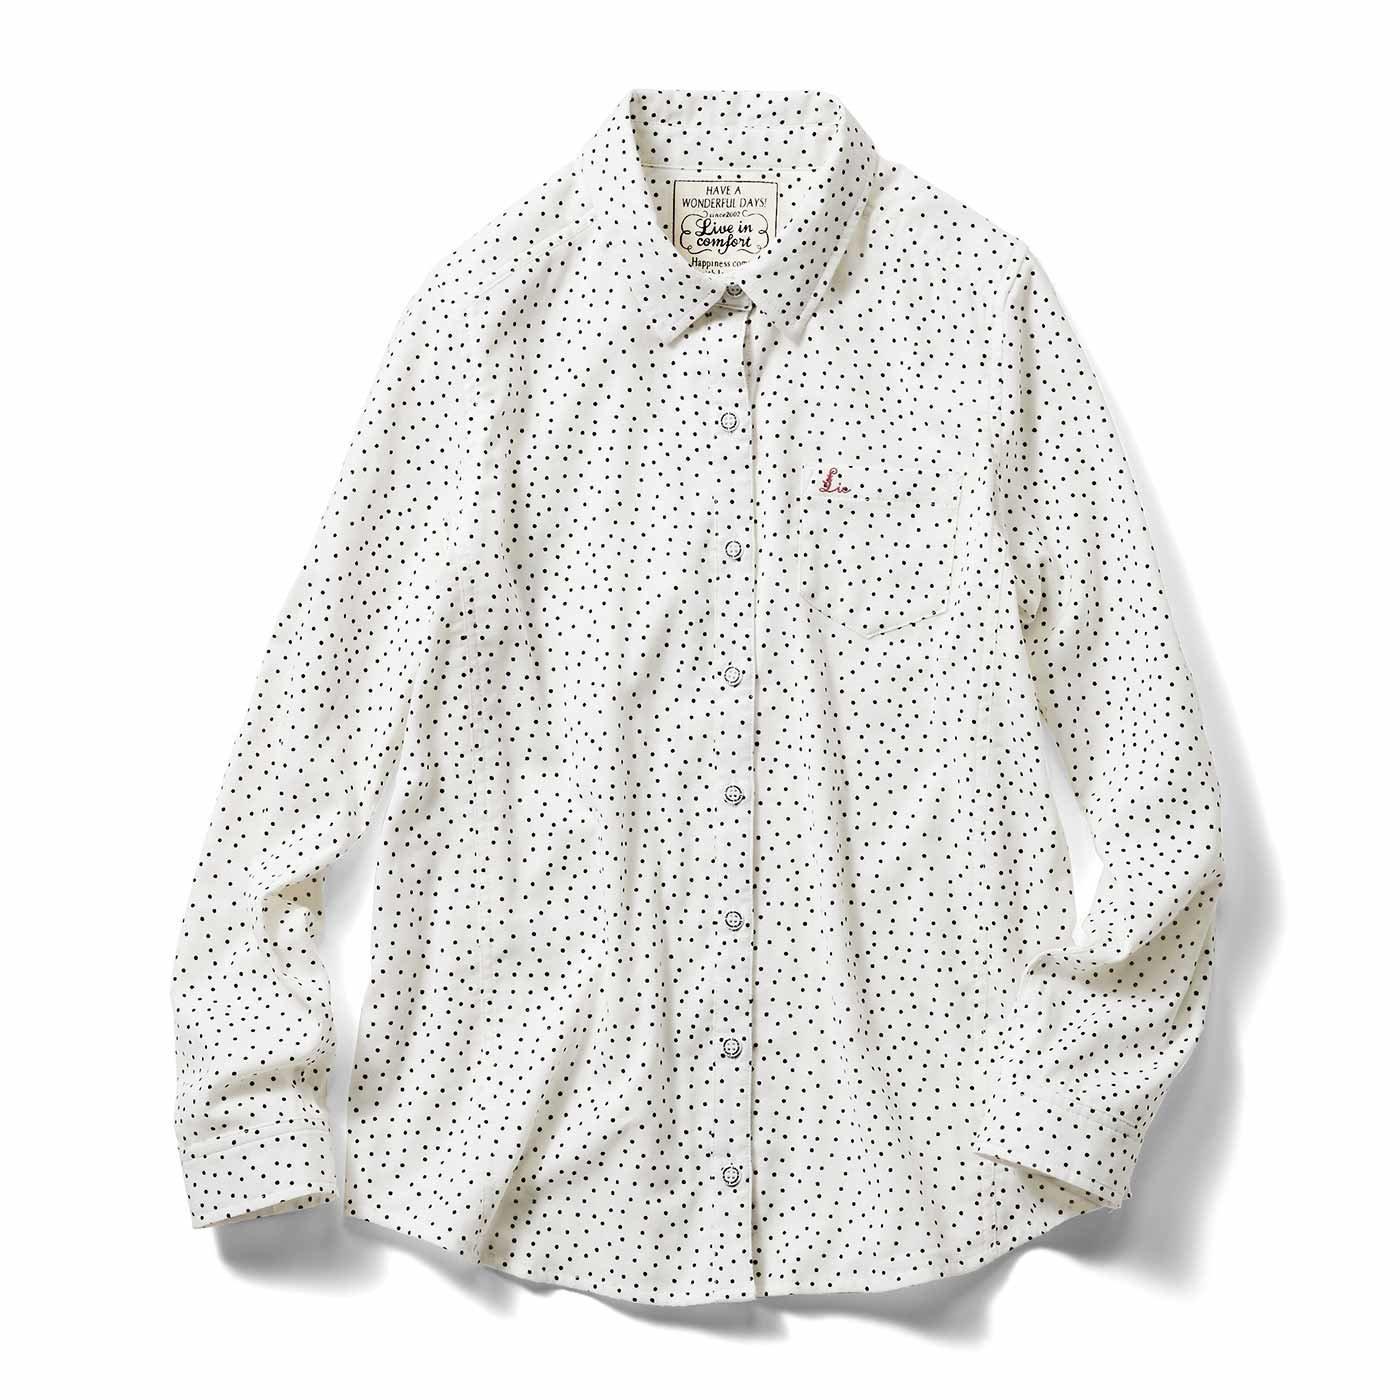 リブ イン コンフォート 重ね着してももたつかない! ストレッチガーゼ×カットソーの伸びシャツ〈ホワイトドット〉